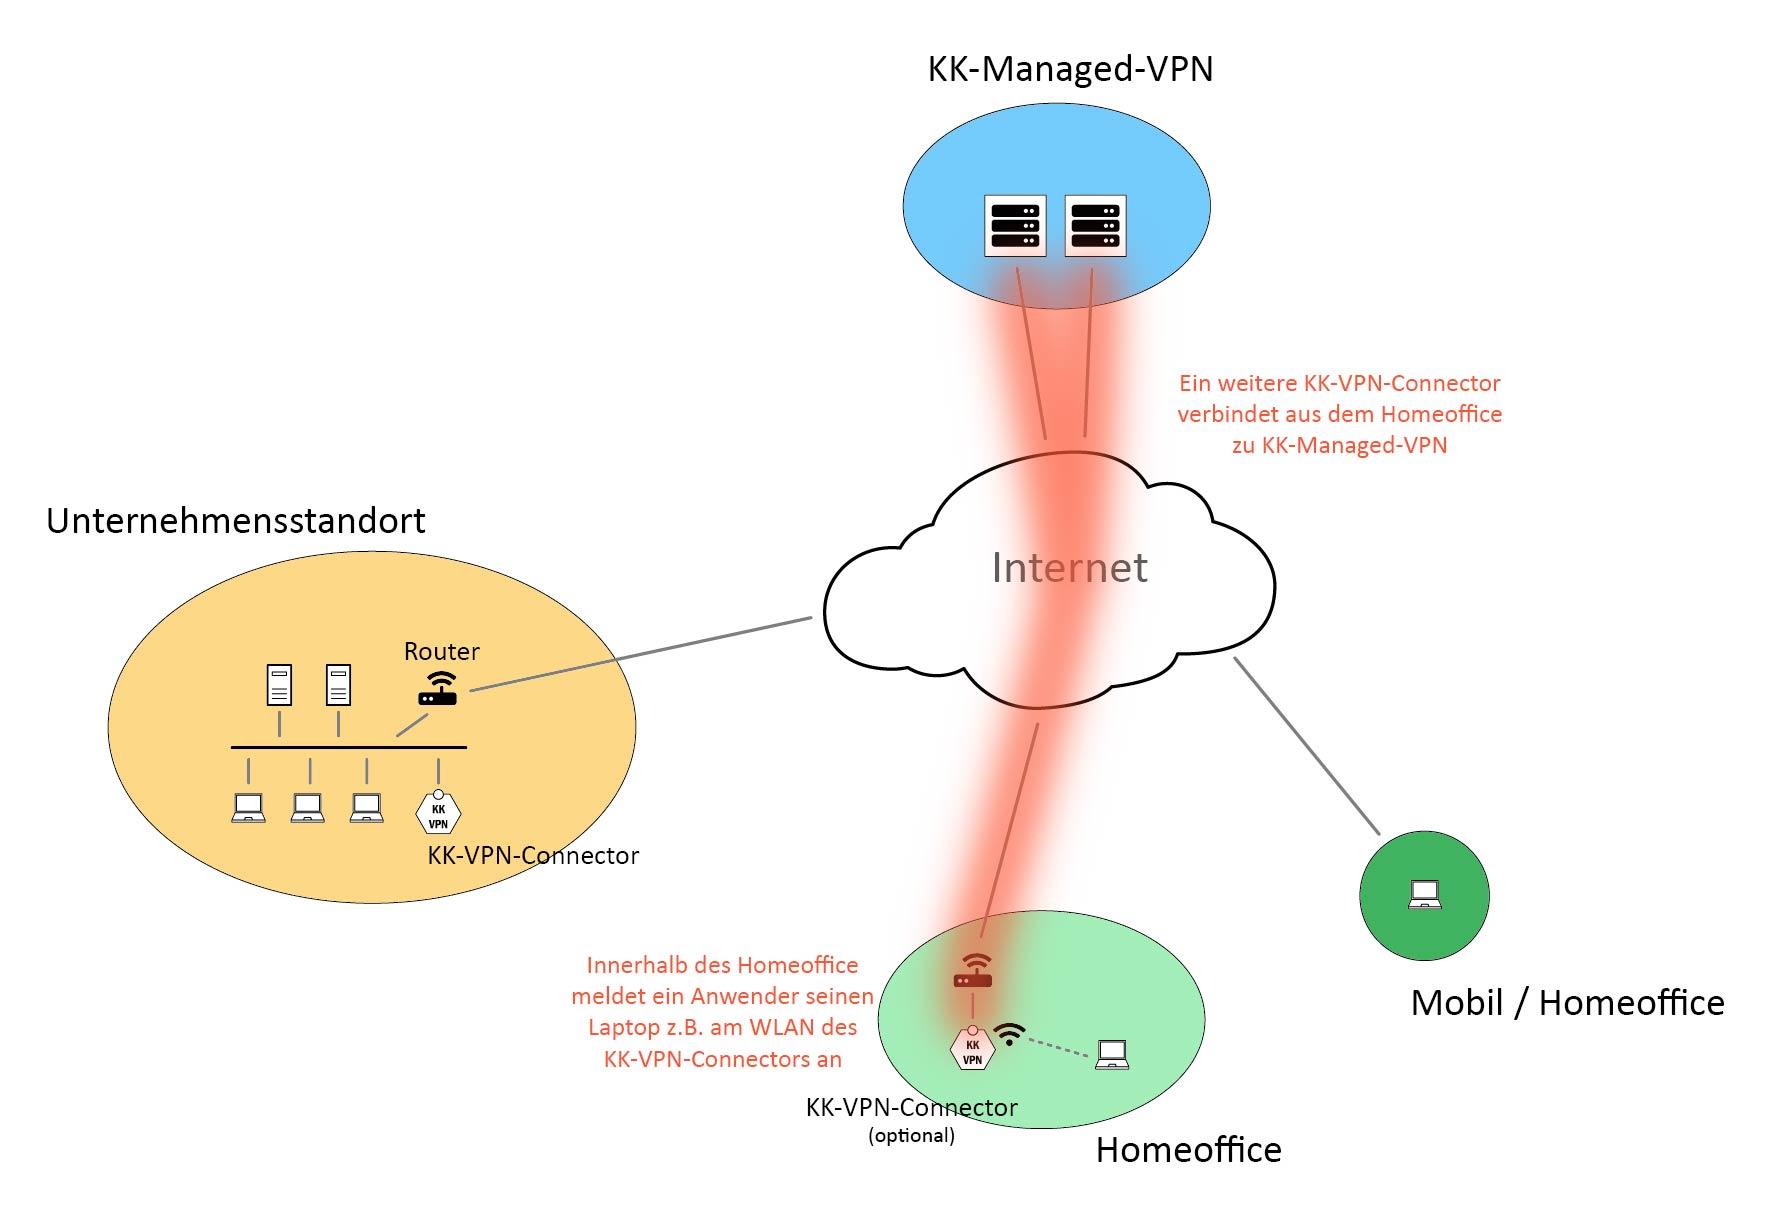 Anbindung von Homeoffice-Arbeitsplätzen mittels KK-VPN-Connector